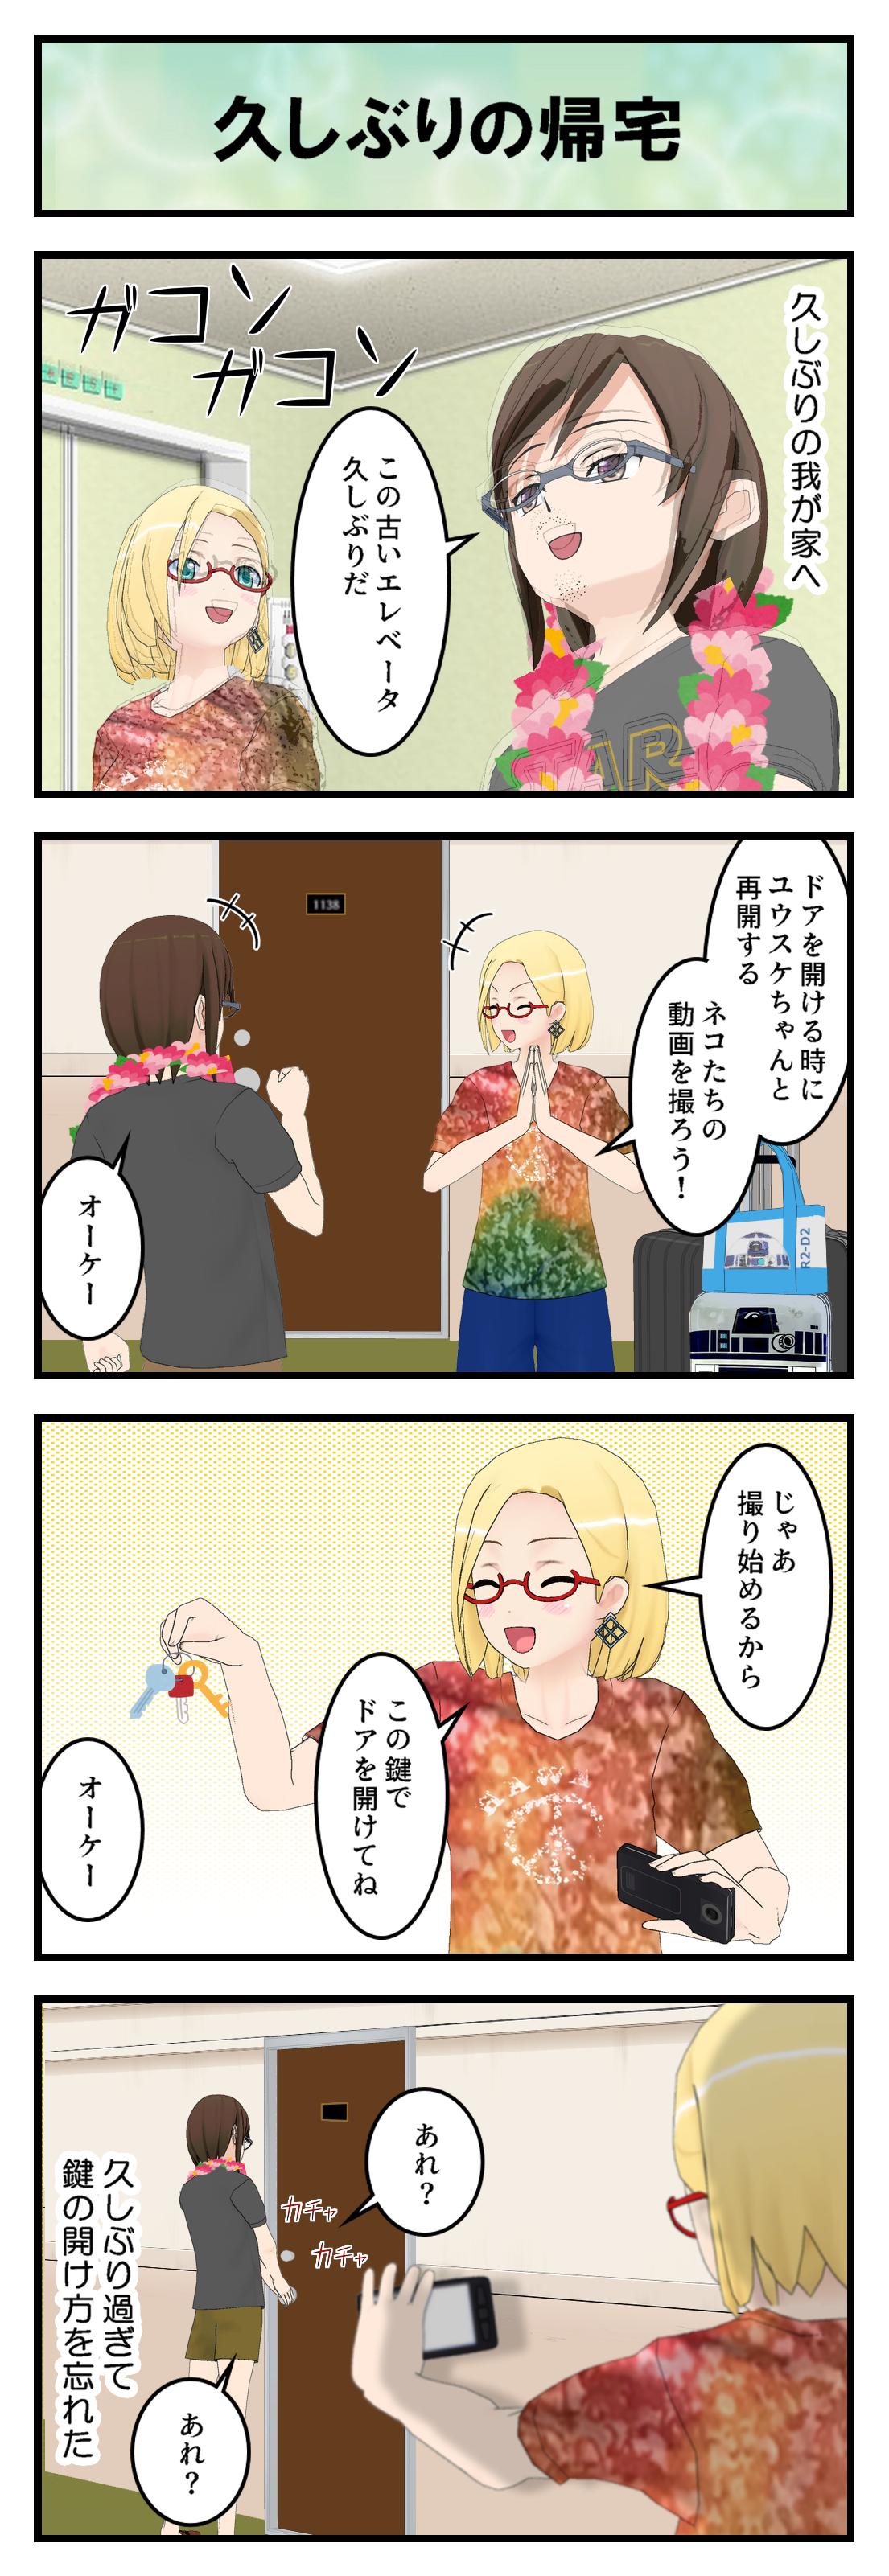 R008_久しぶりの帰宅_001